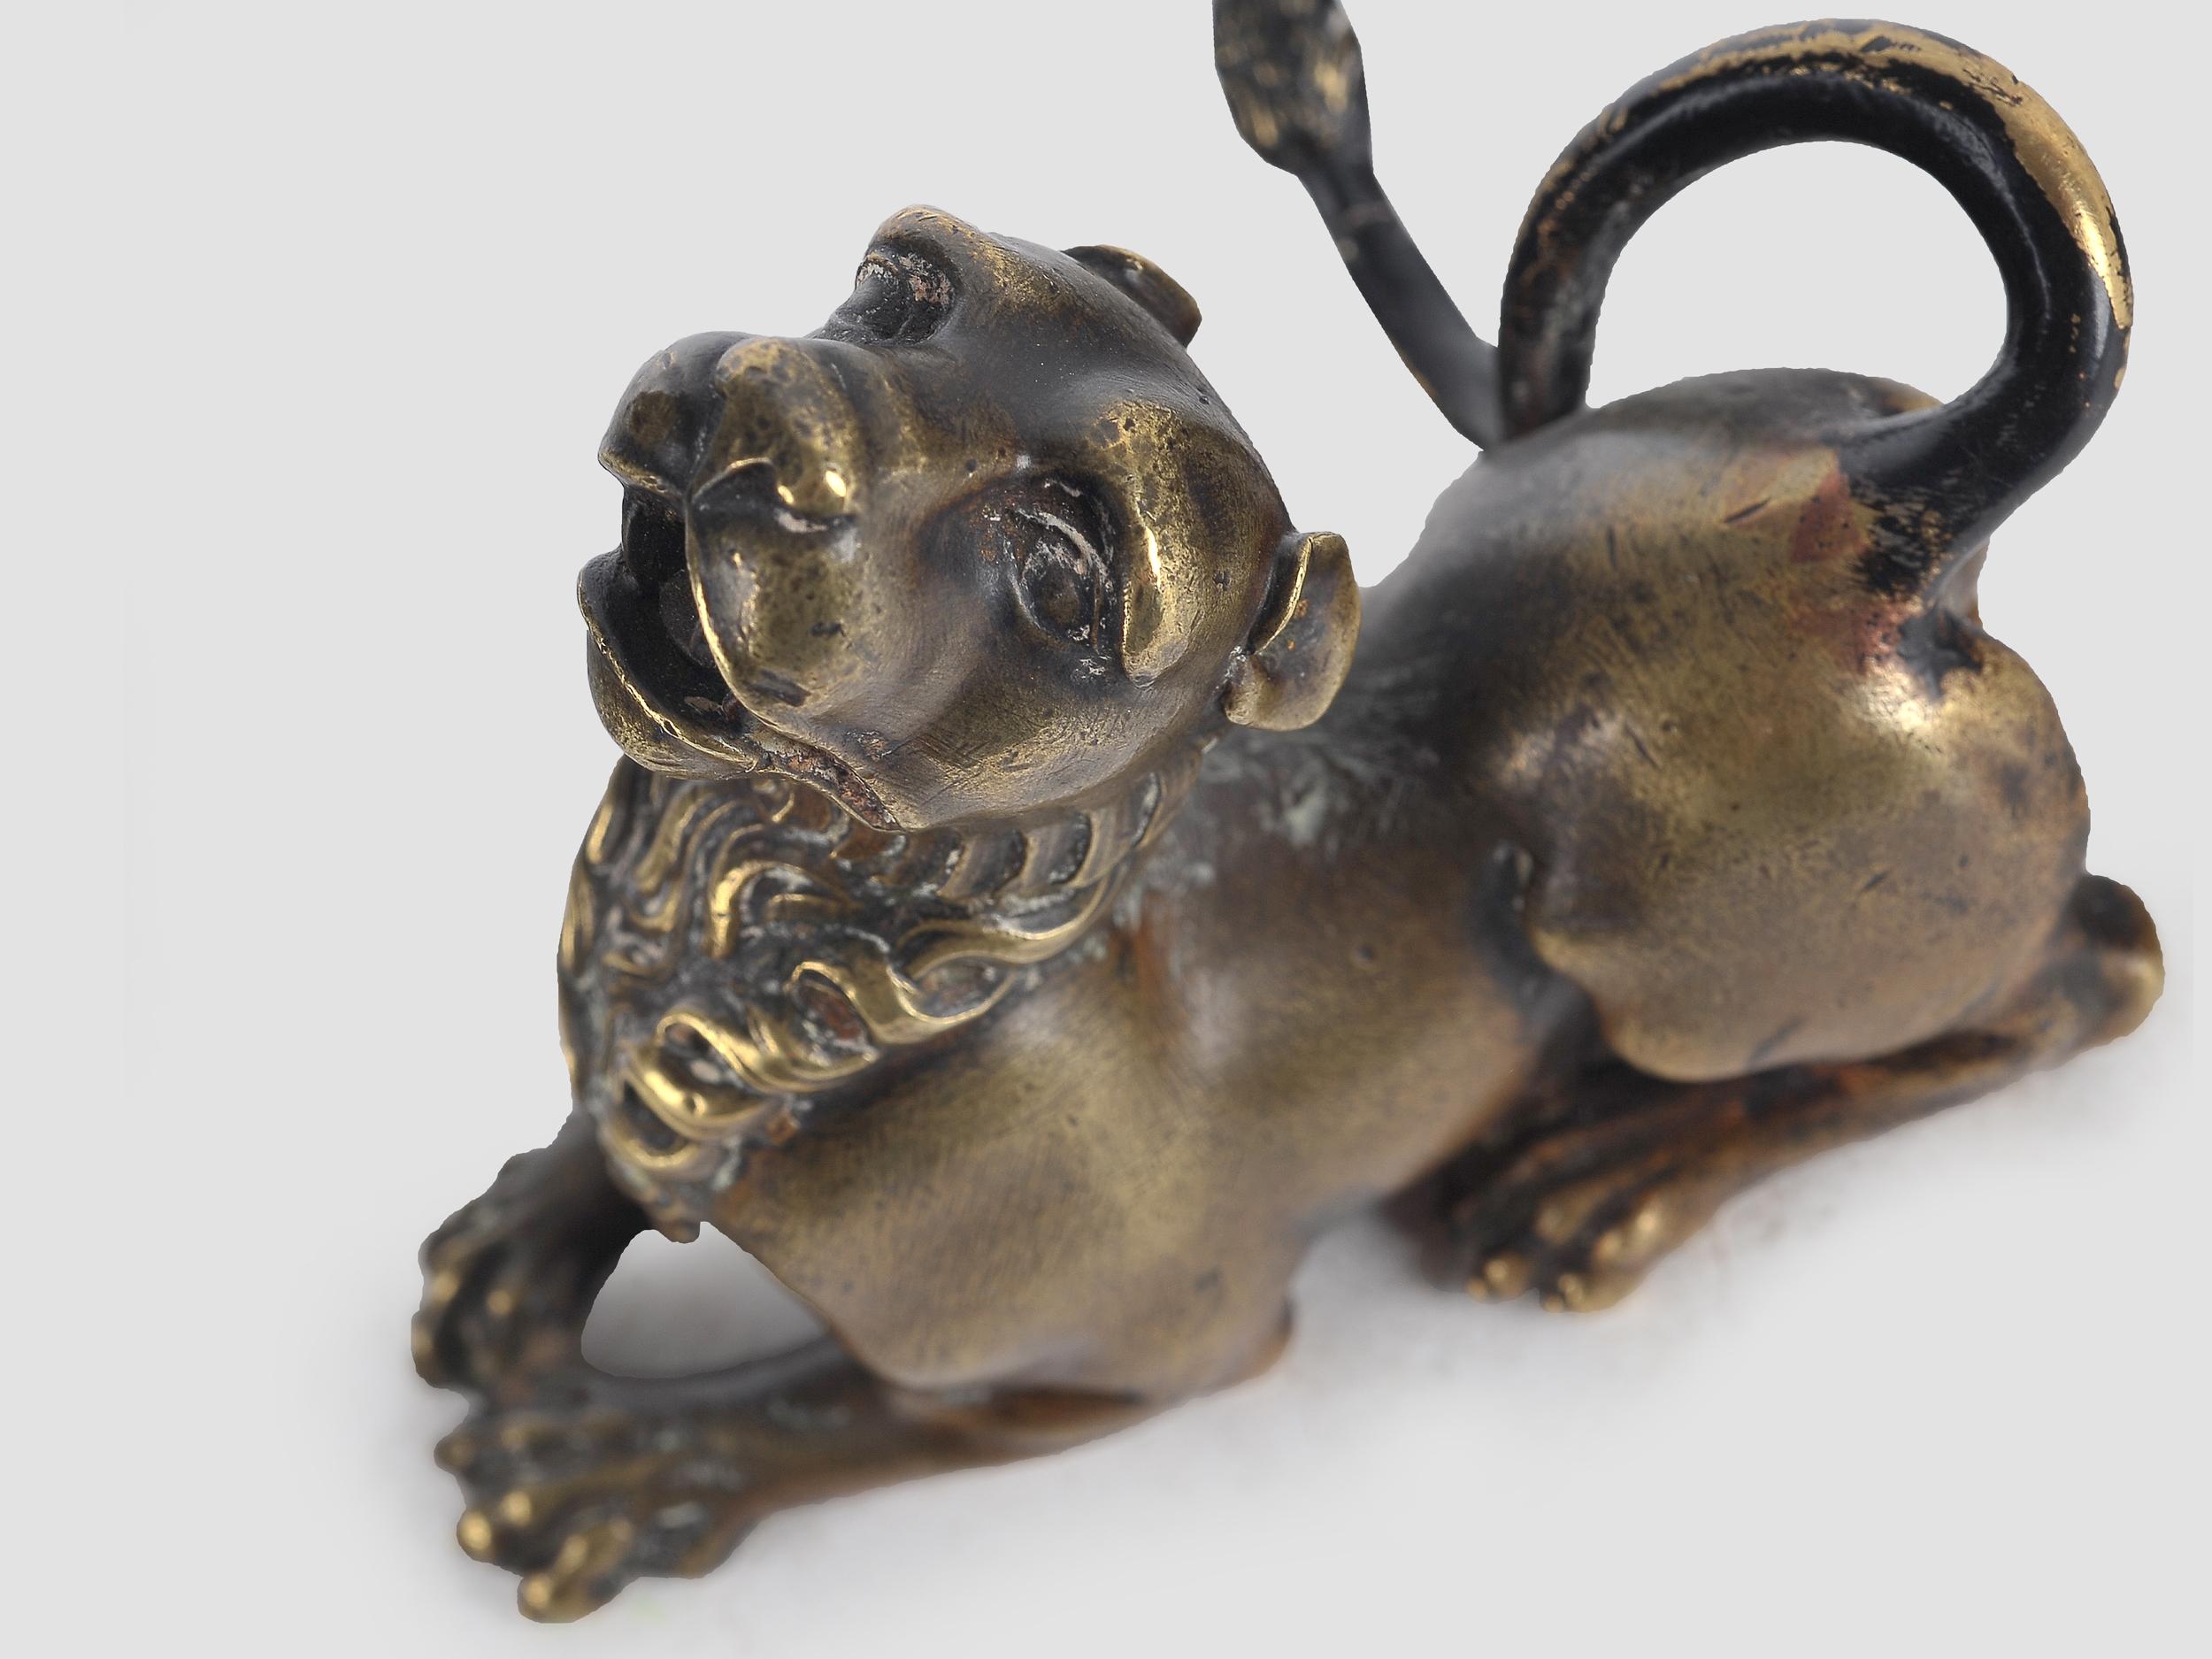 Liegender Löwe, Bronze, 16. / 19. Jahrhundert - Image 4 of 5